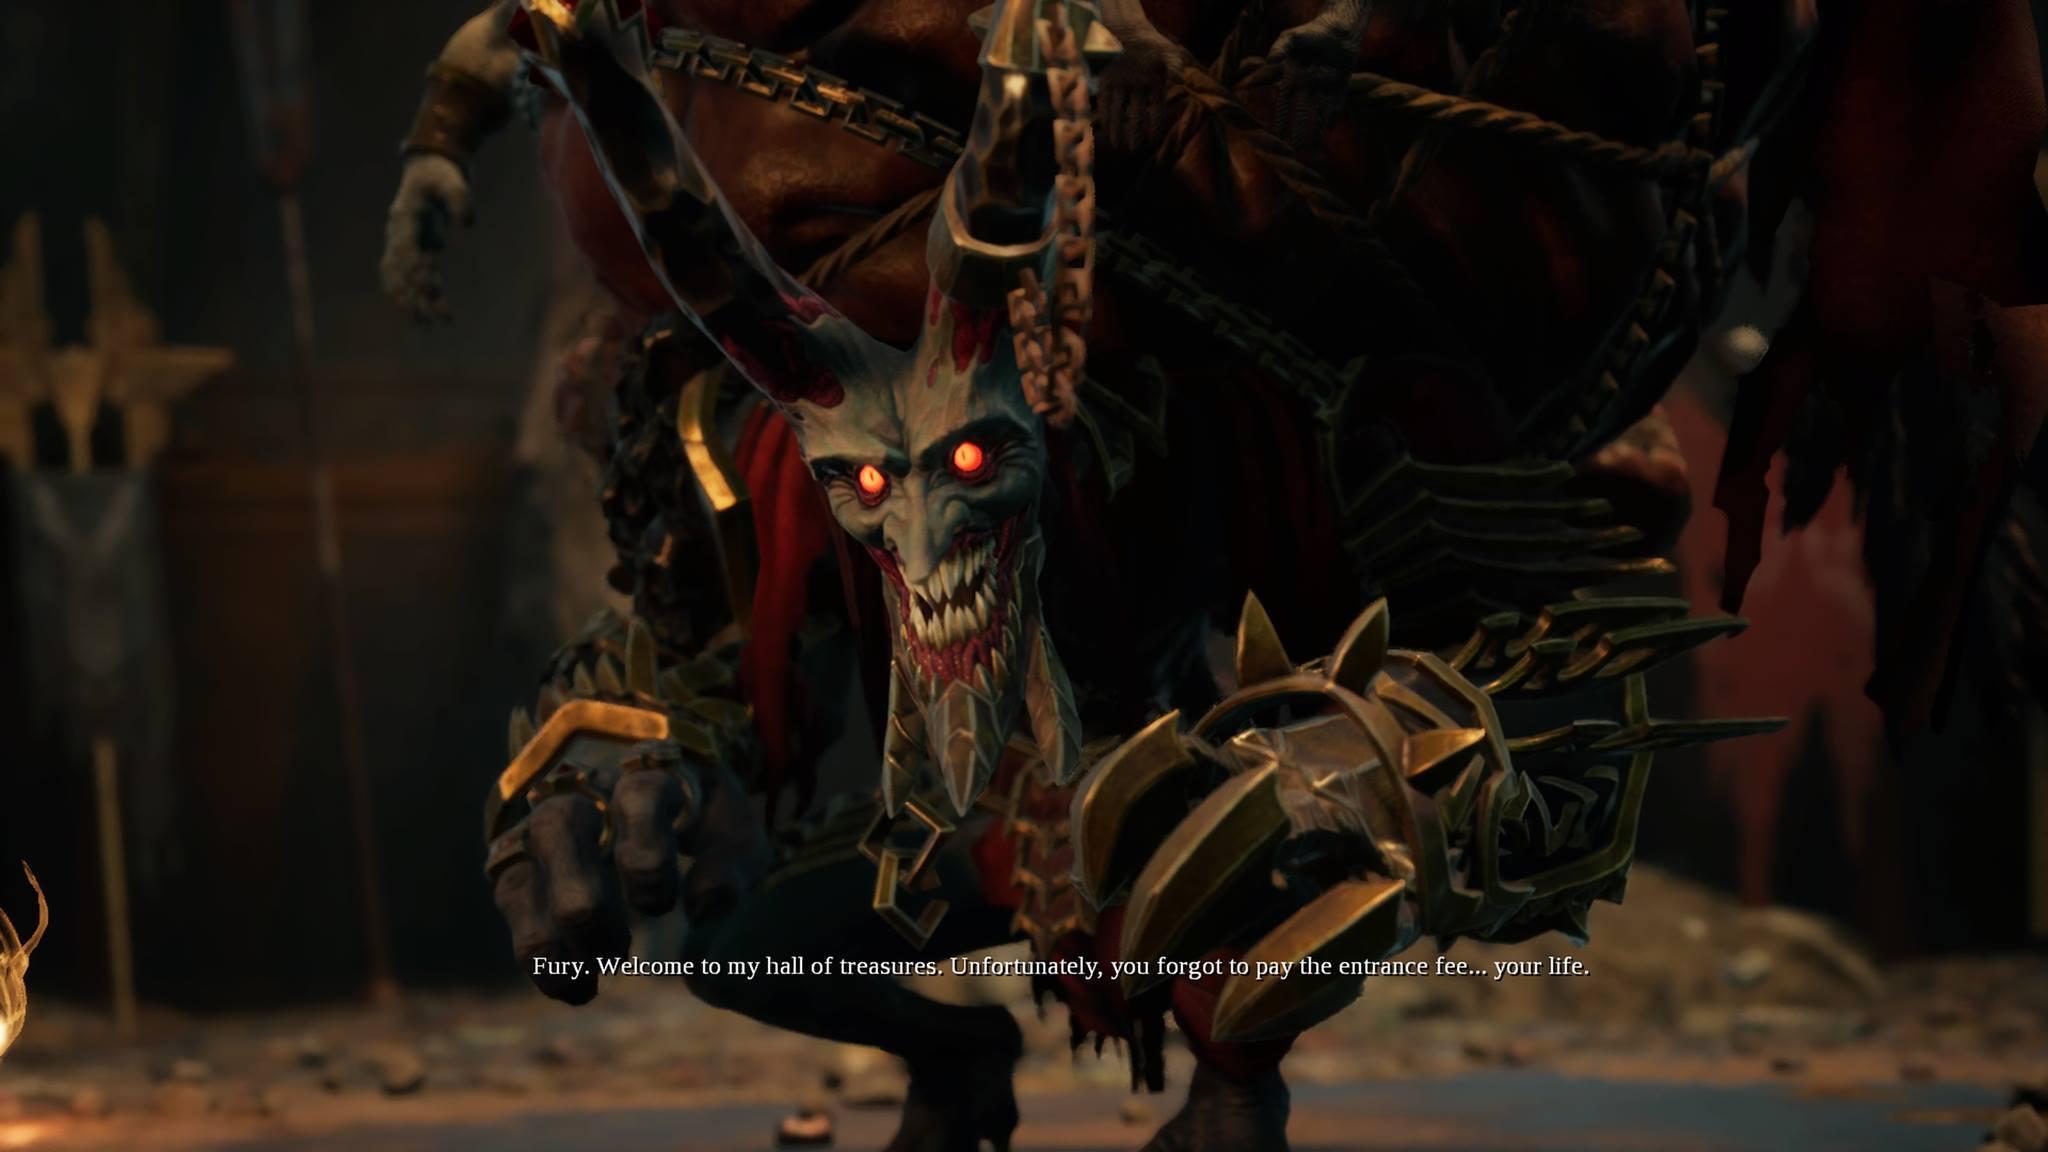 《暗黑血统3》首批评分公布 IGN 7分 GameSpot 4分